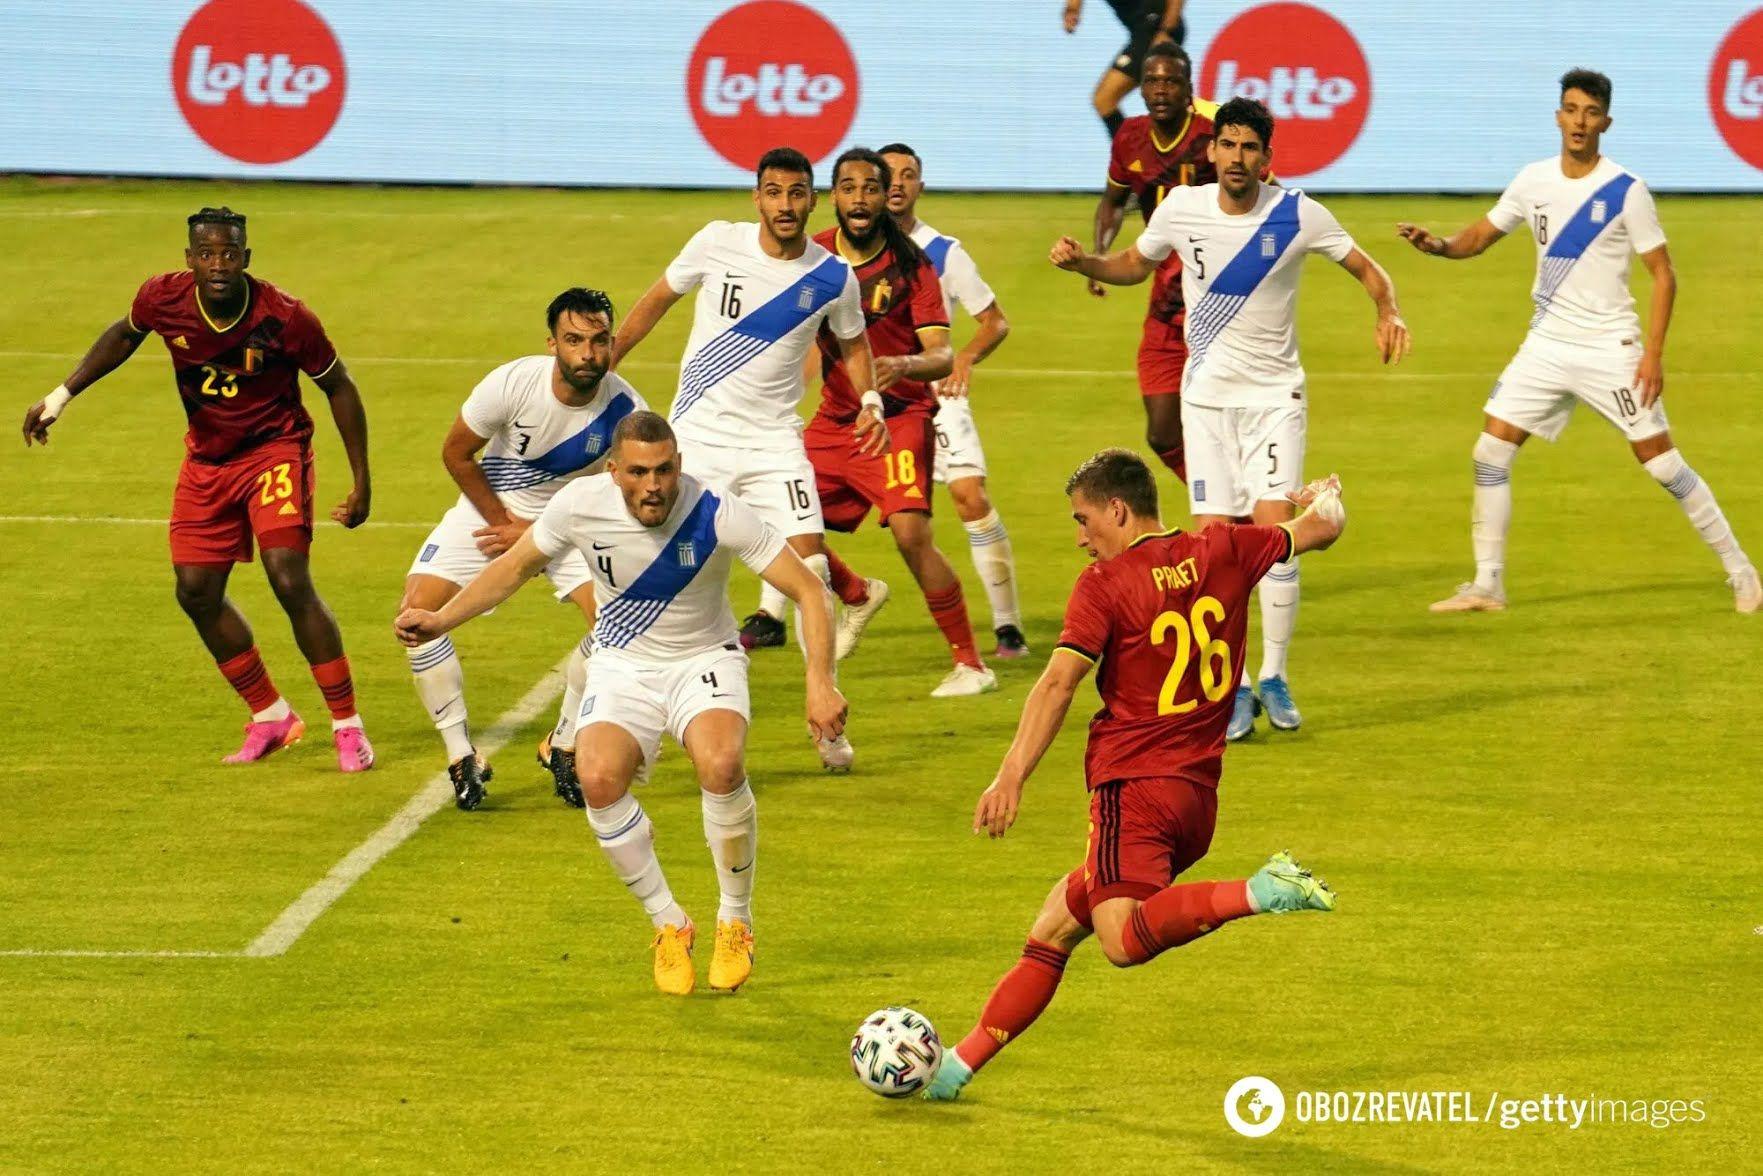 Бельгия накануне Евро-2020 сыграла с Грецией.